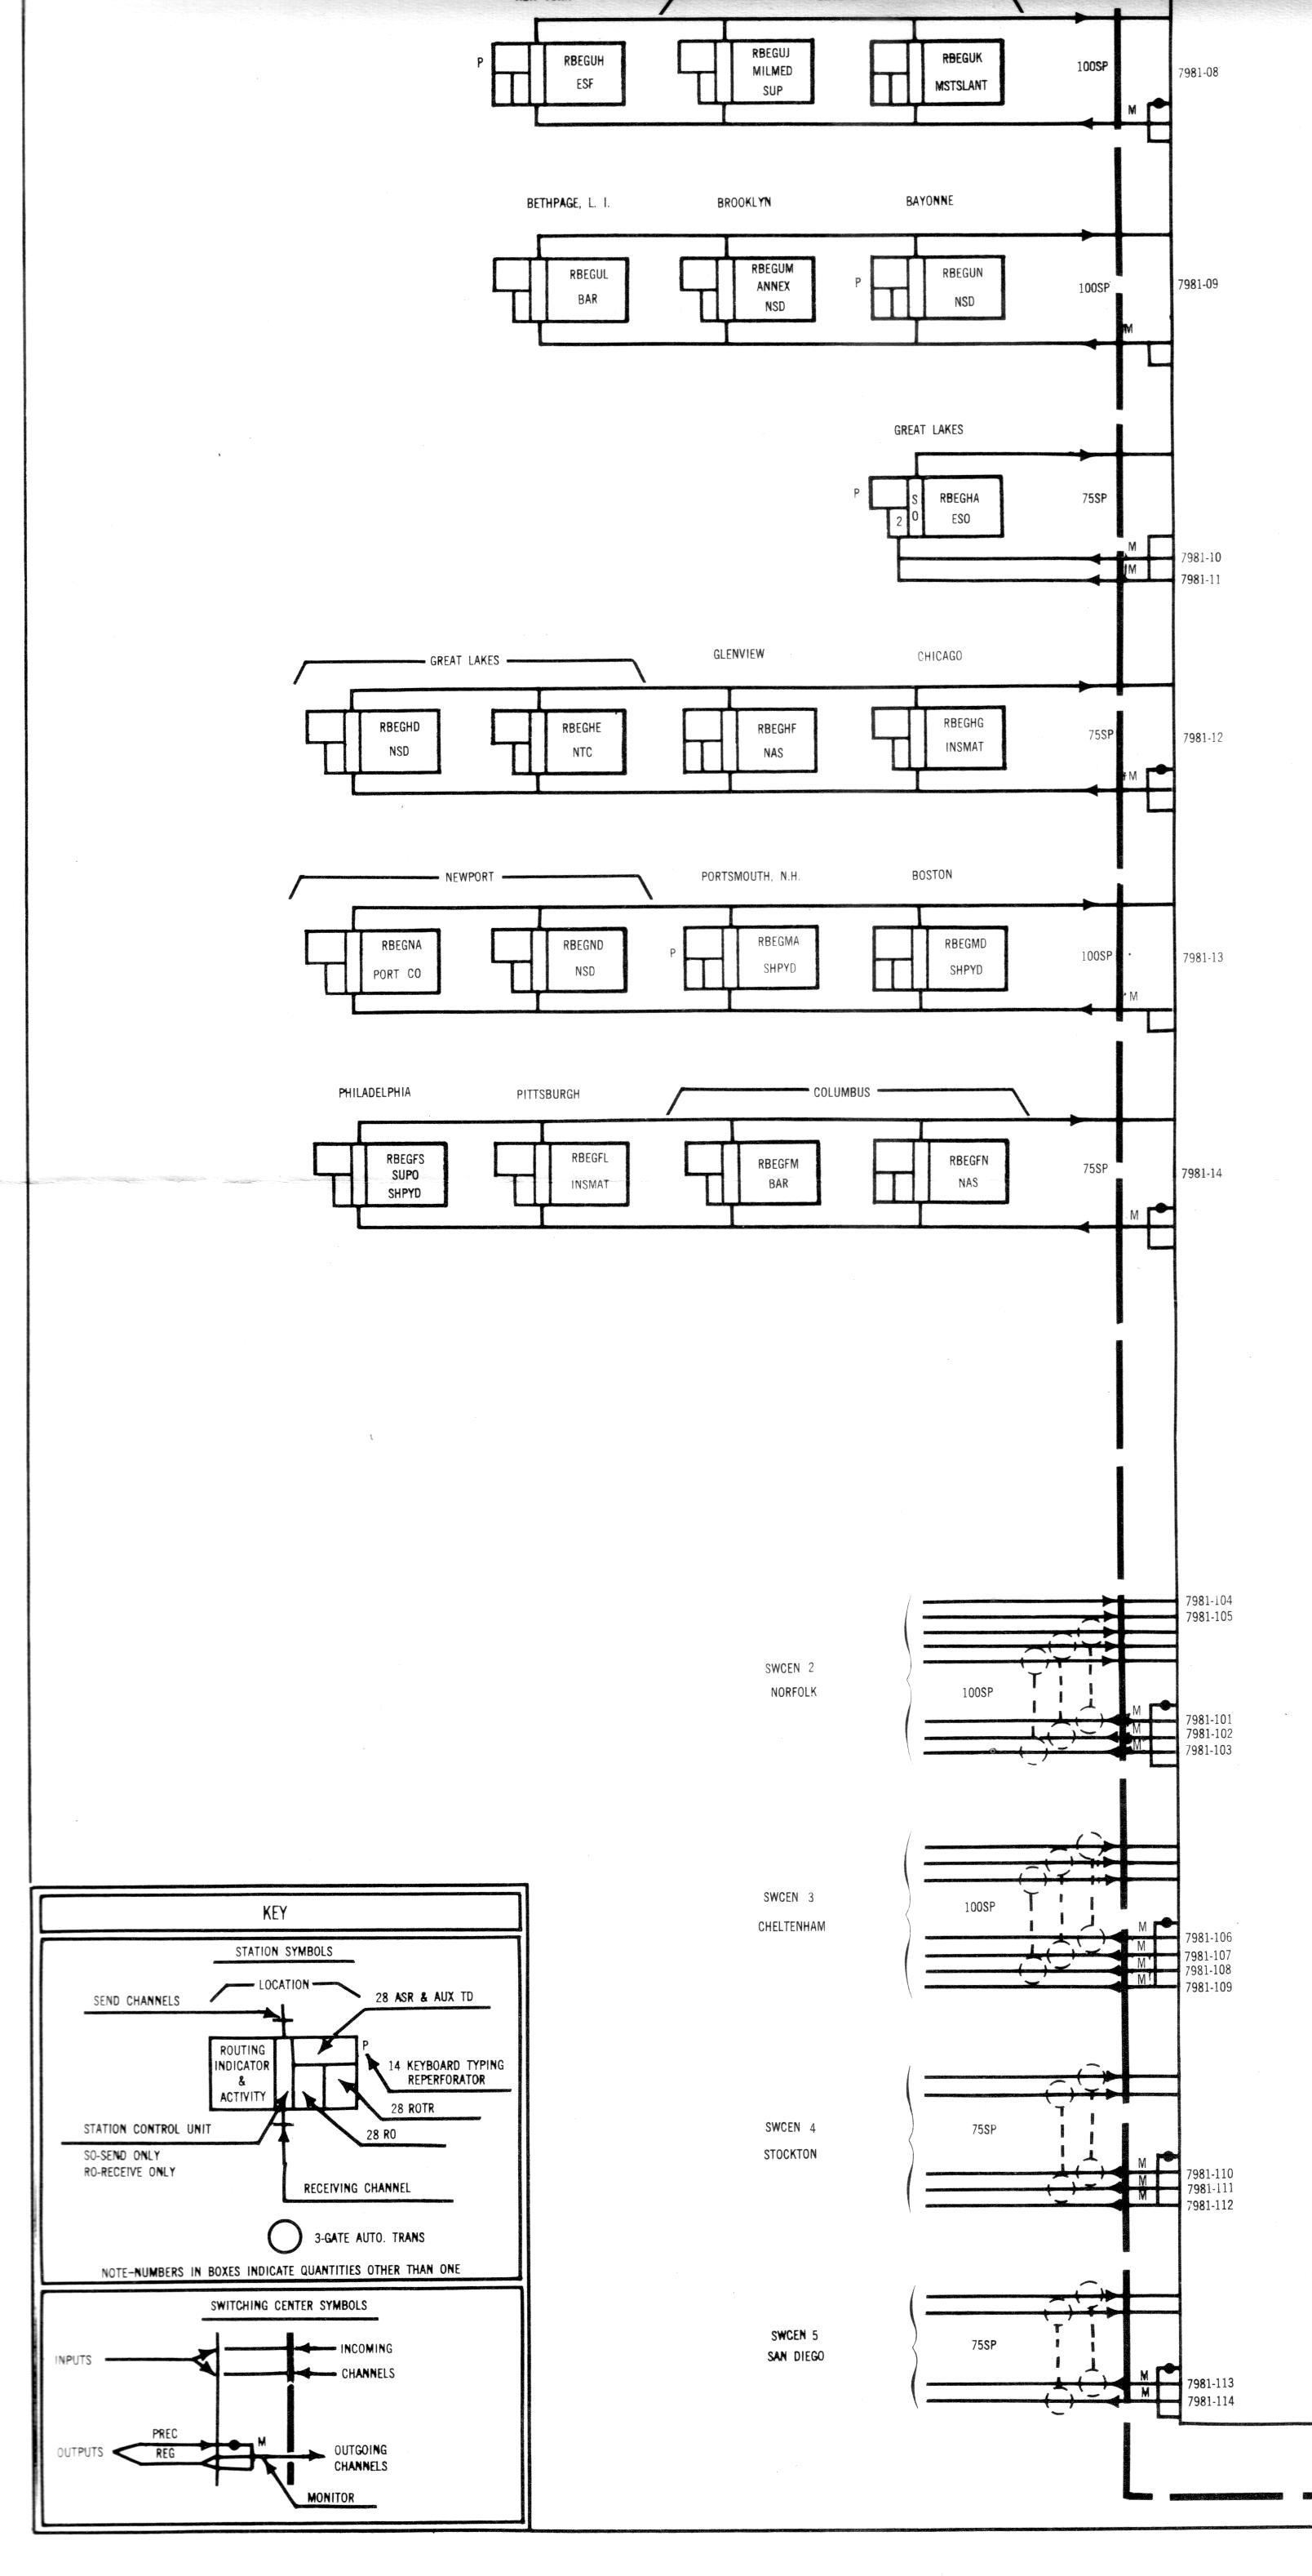 trenton wiring diagrams navy 82b1 switching center    diagrams     amp  photos  navy 82b1 switching center    diagrams     amp  photos